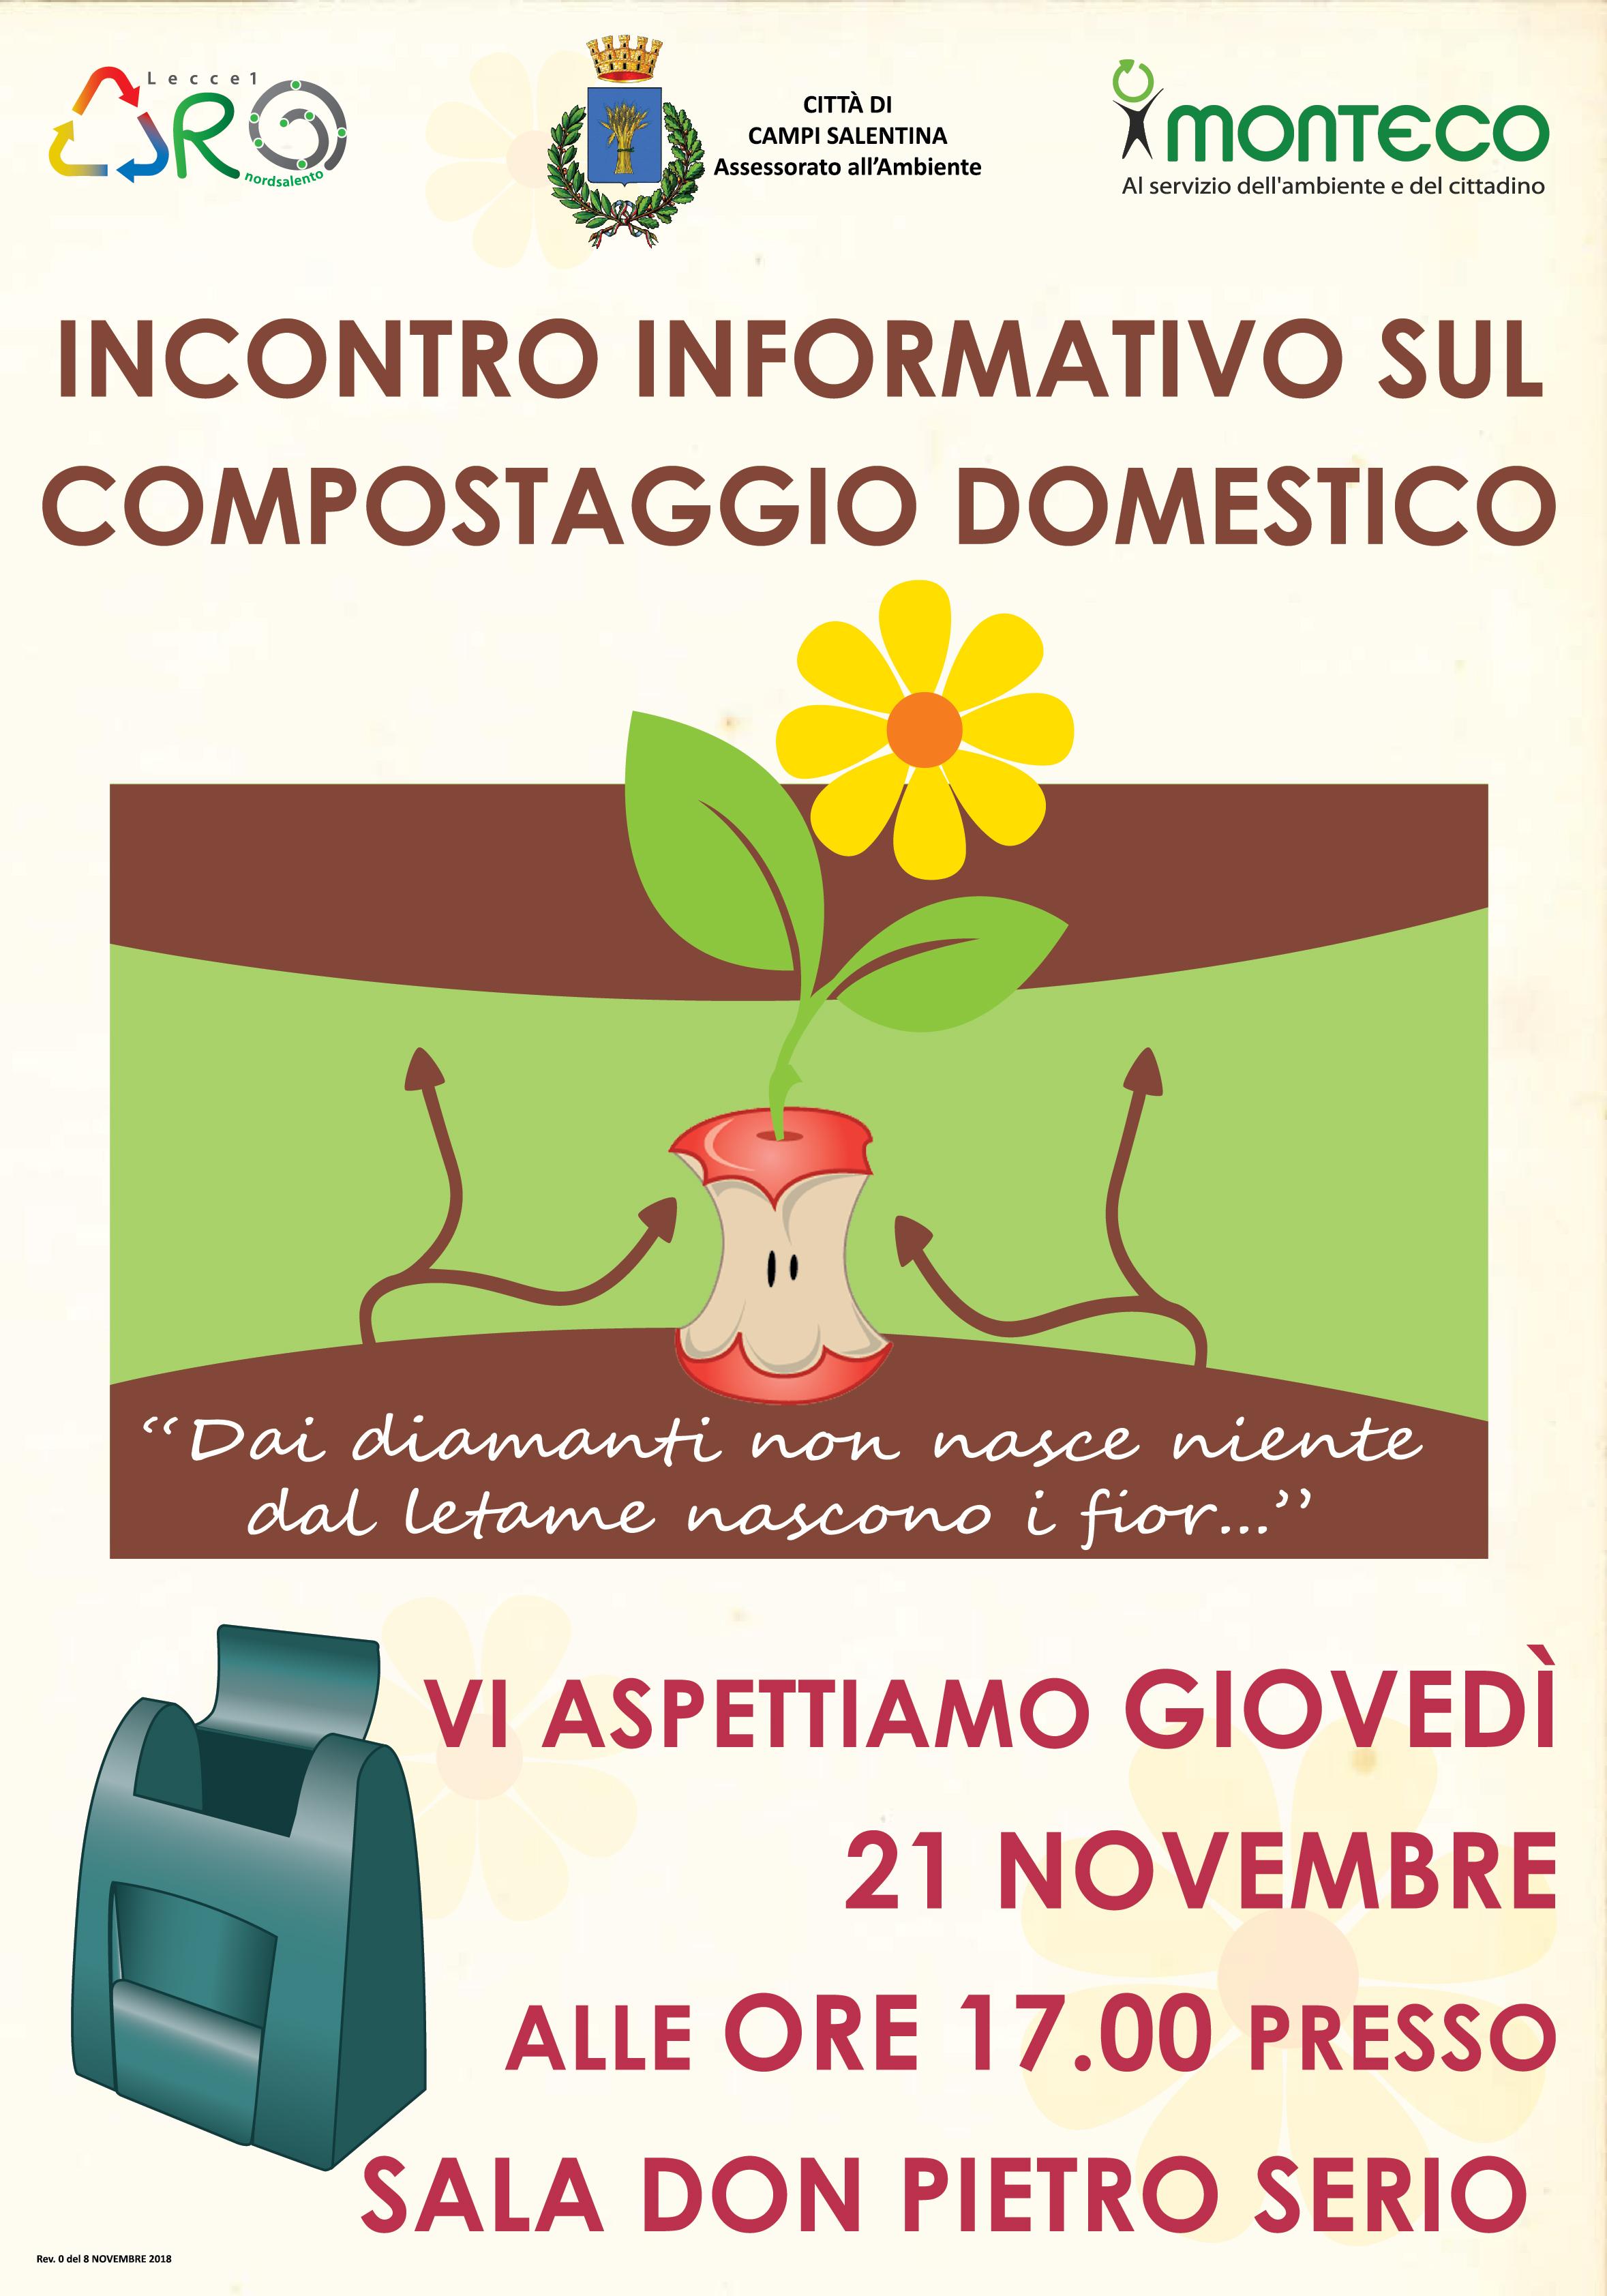 Campi Salentina: Incontro informativo sul compostaggio domestico